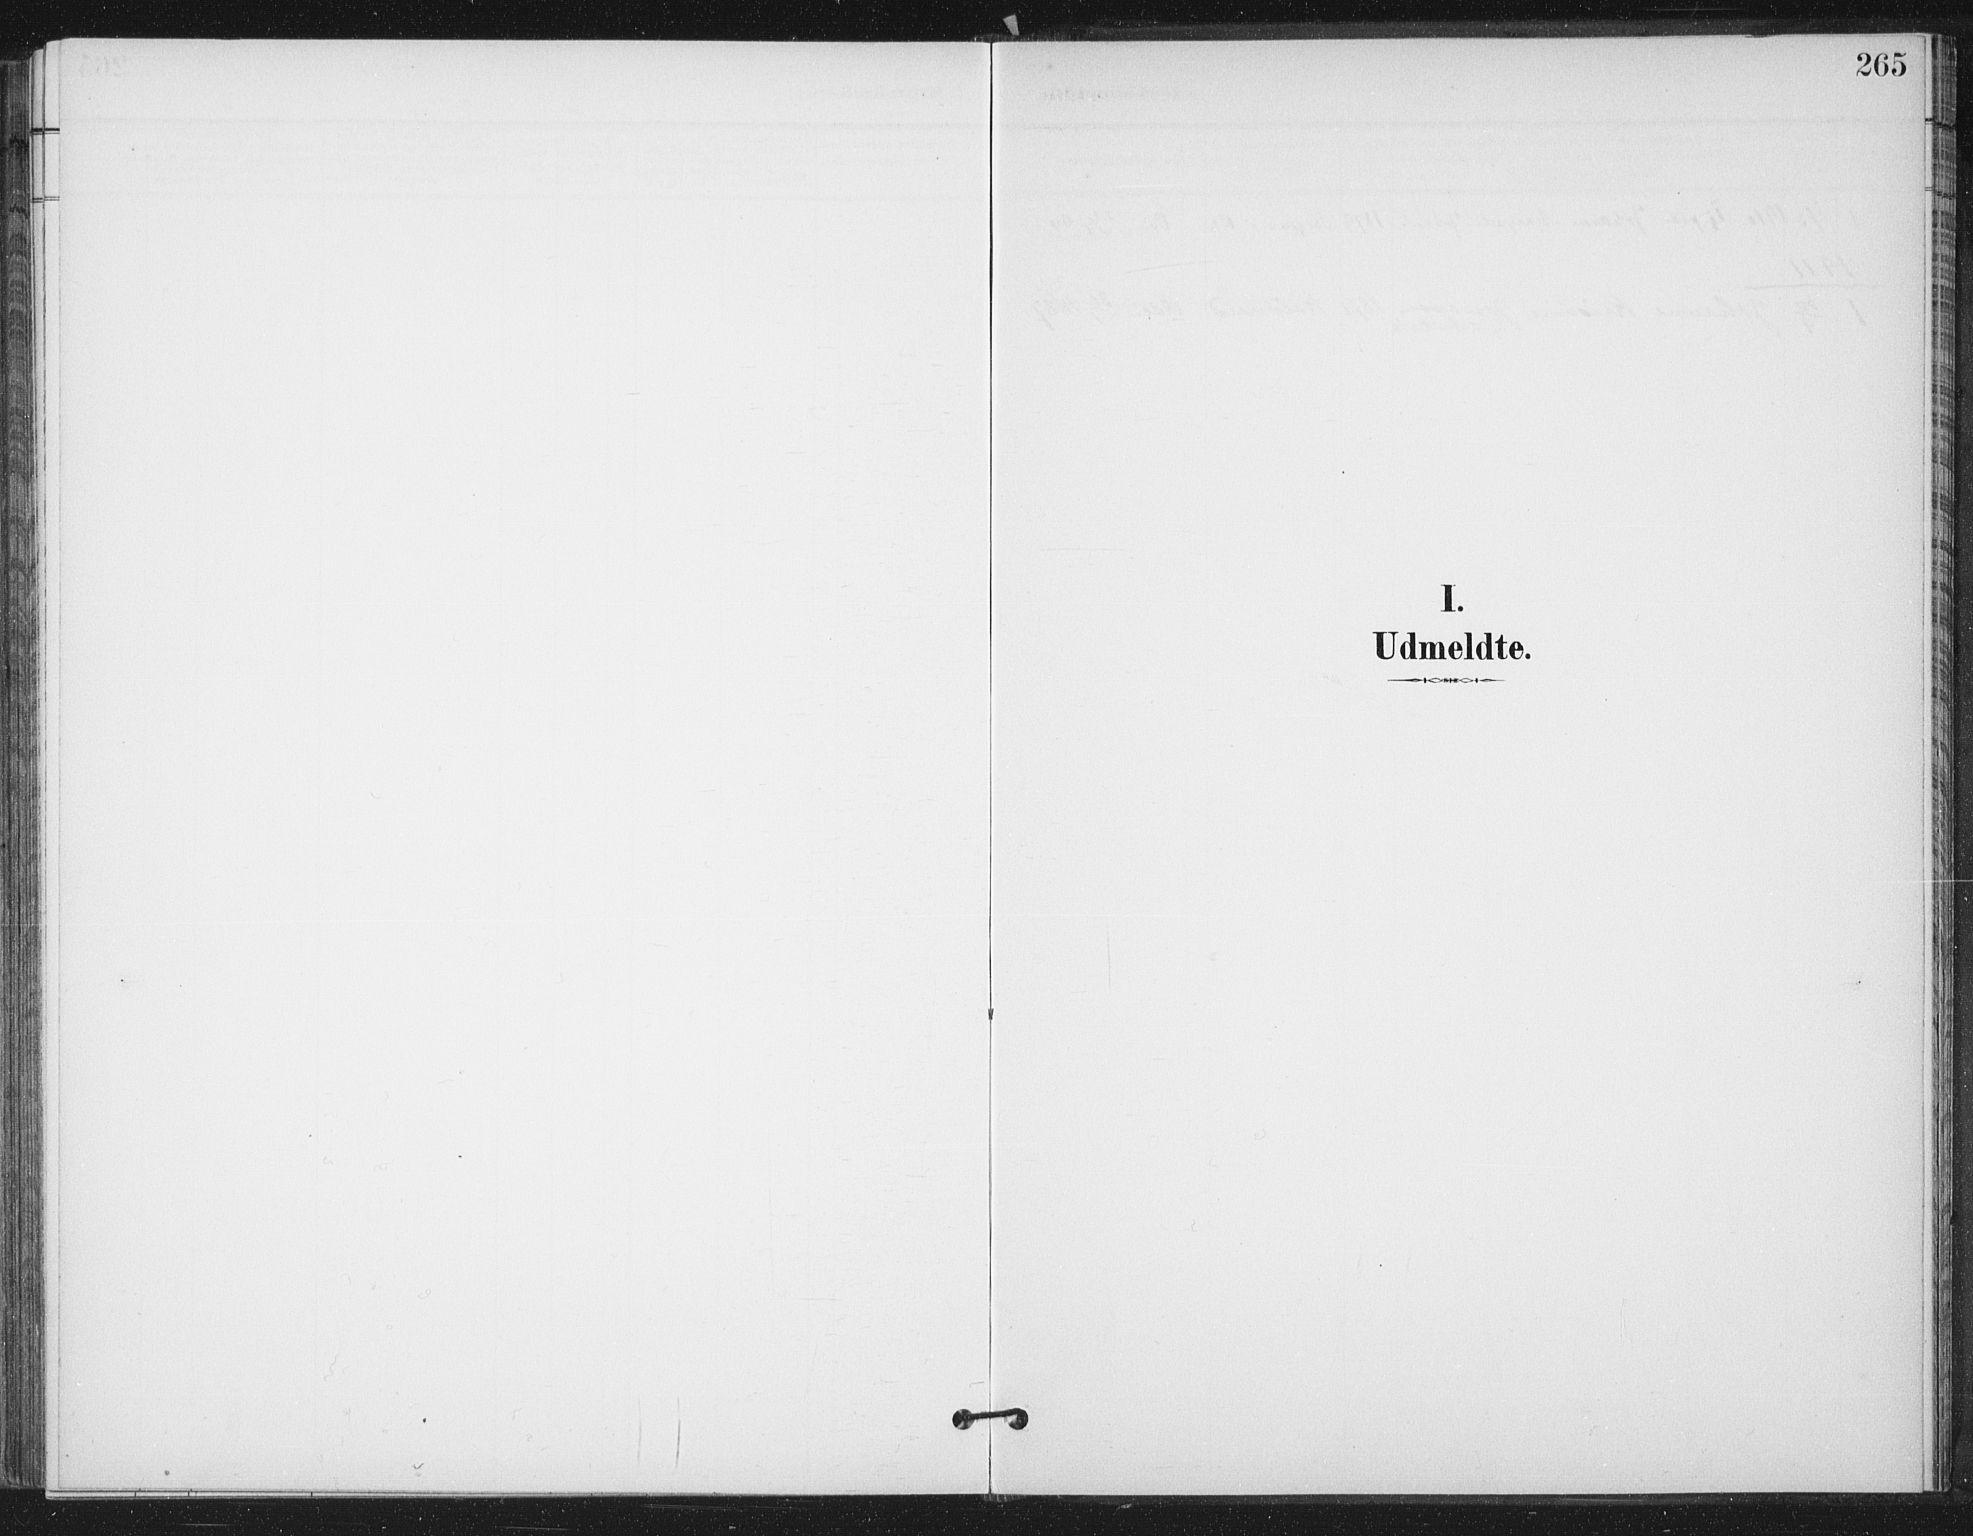 SAT, Ministerialprotokoller, klokkerbøker og fødselsregistre - Sør-Trøndelag, 658/L0723: Ministerialbok nr. 658A02, 1897-1912, s. 265